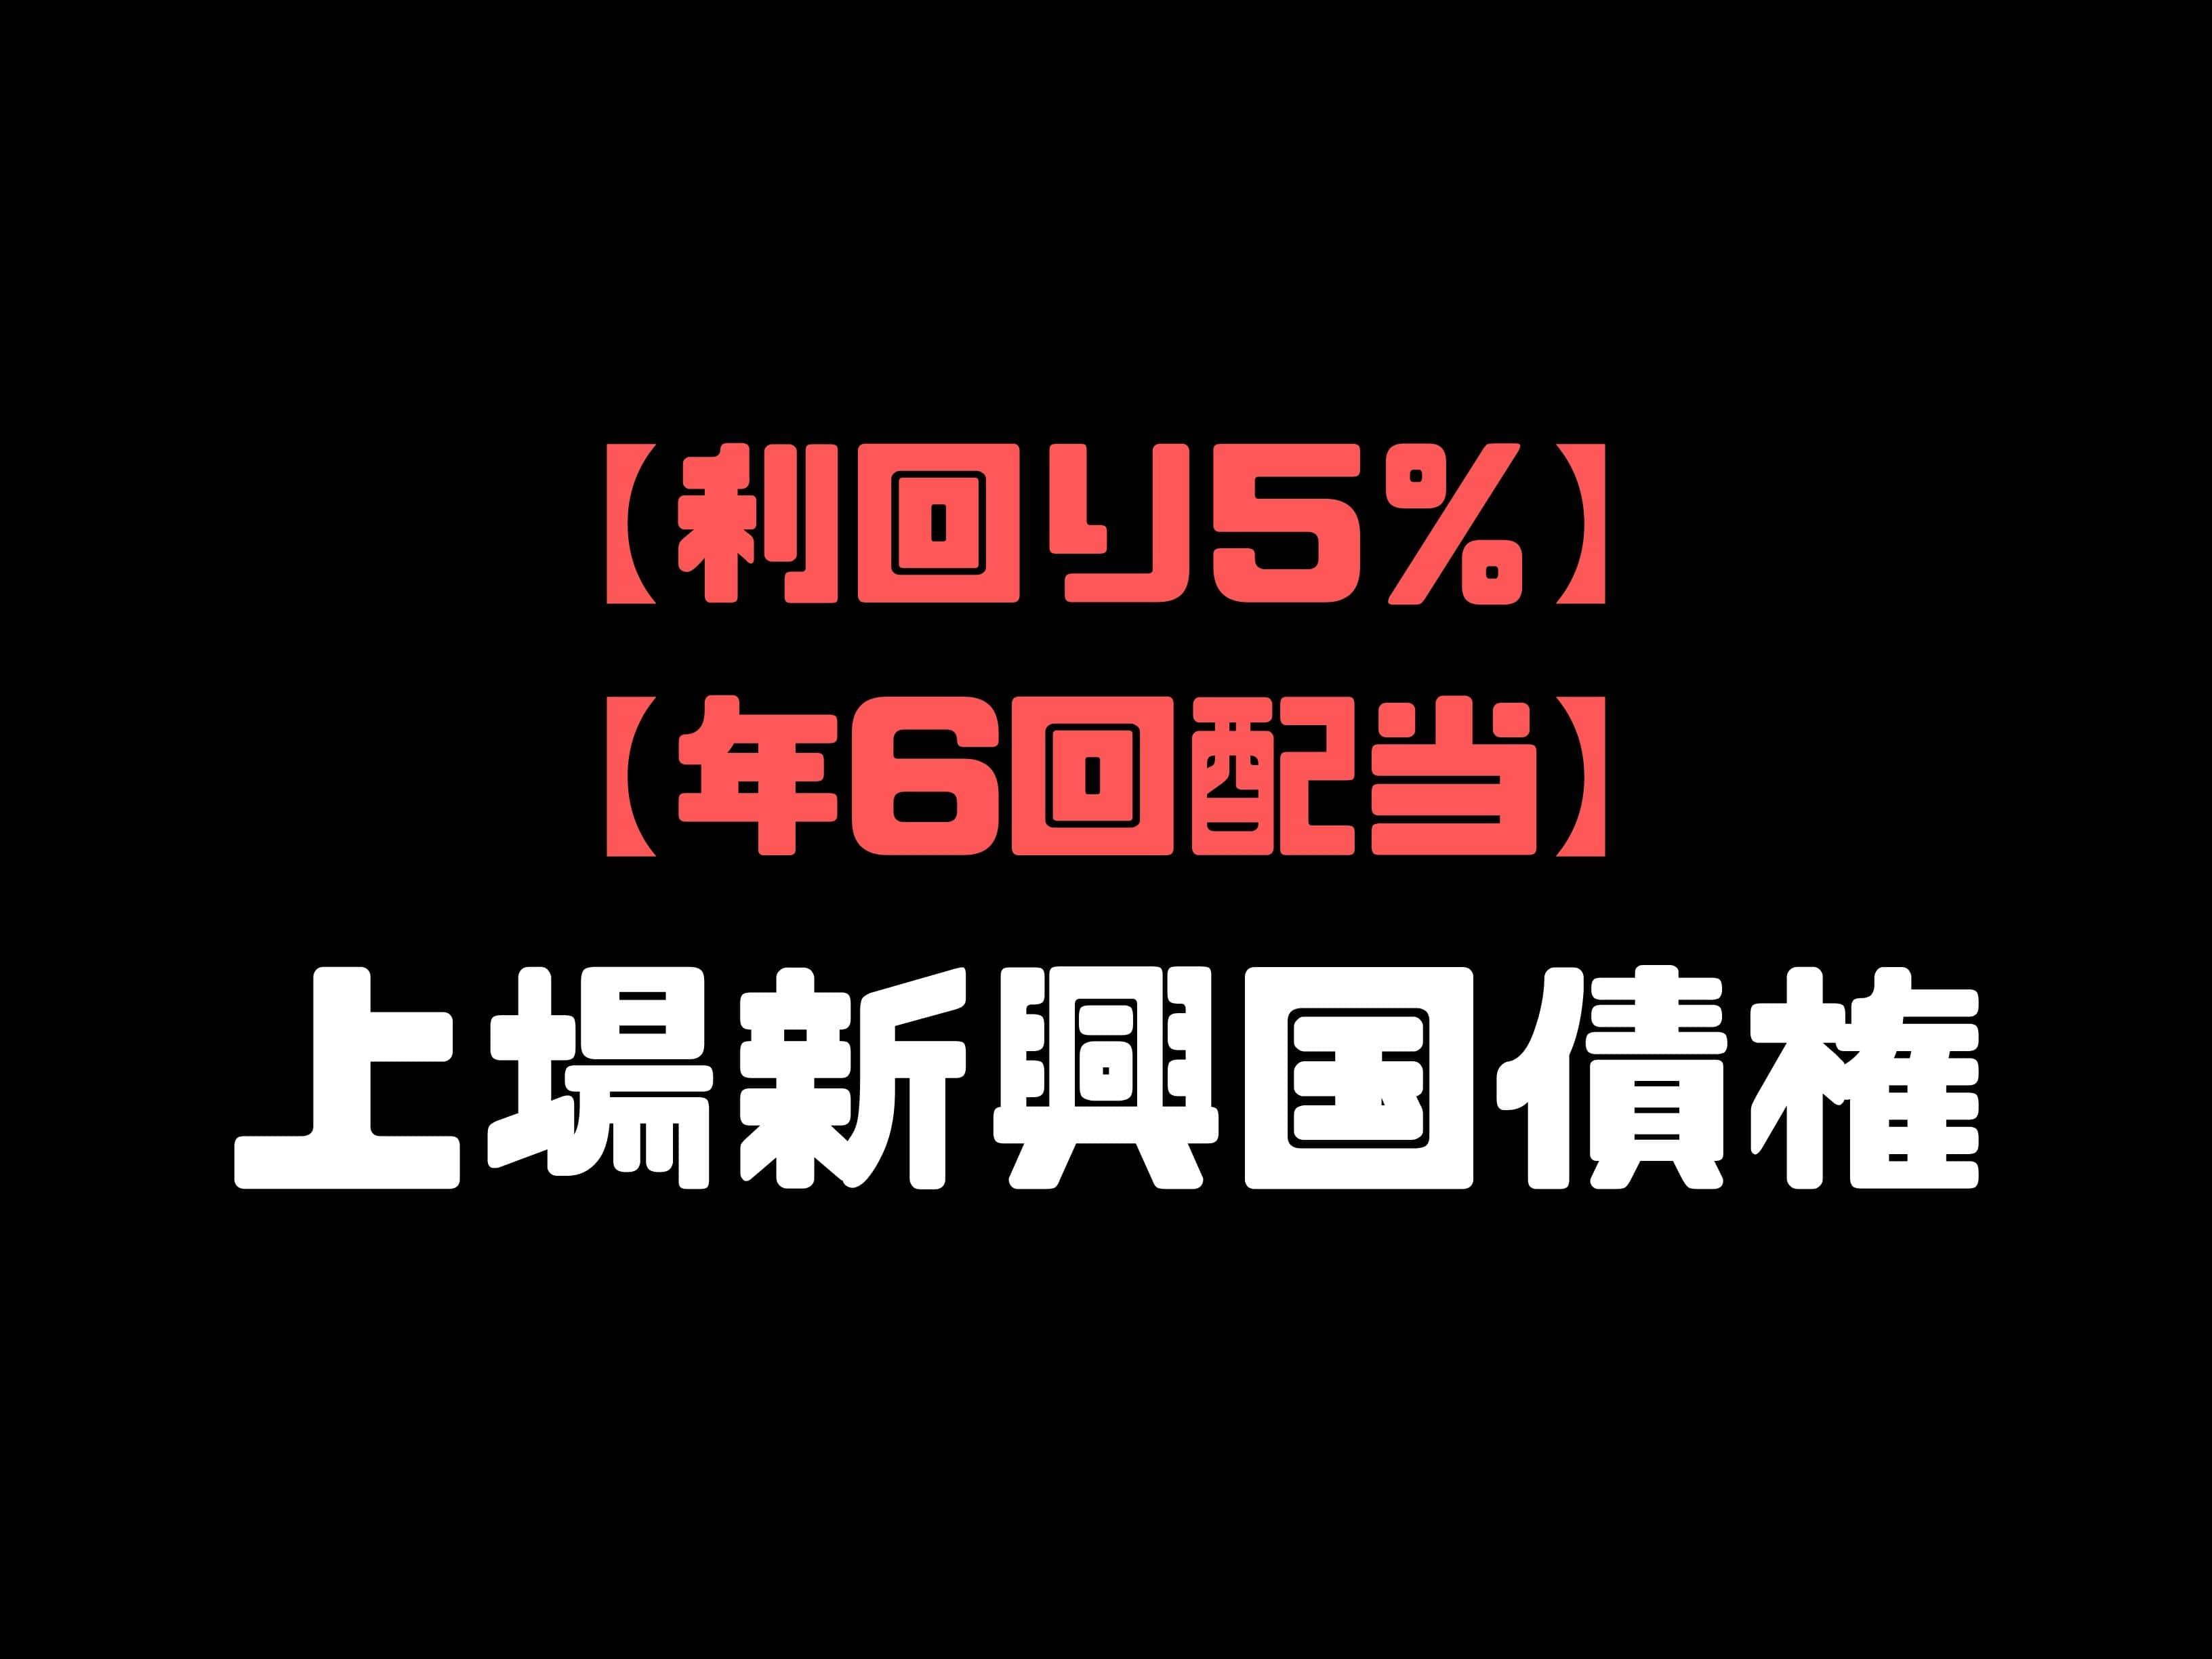 【利回り5%・年6回配当】上場インデックスファンド新興国債券